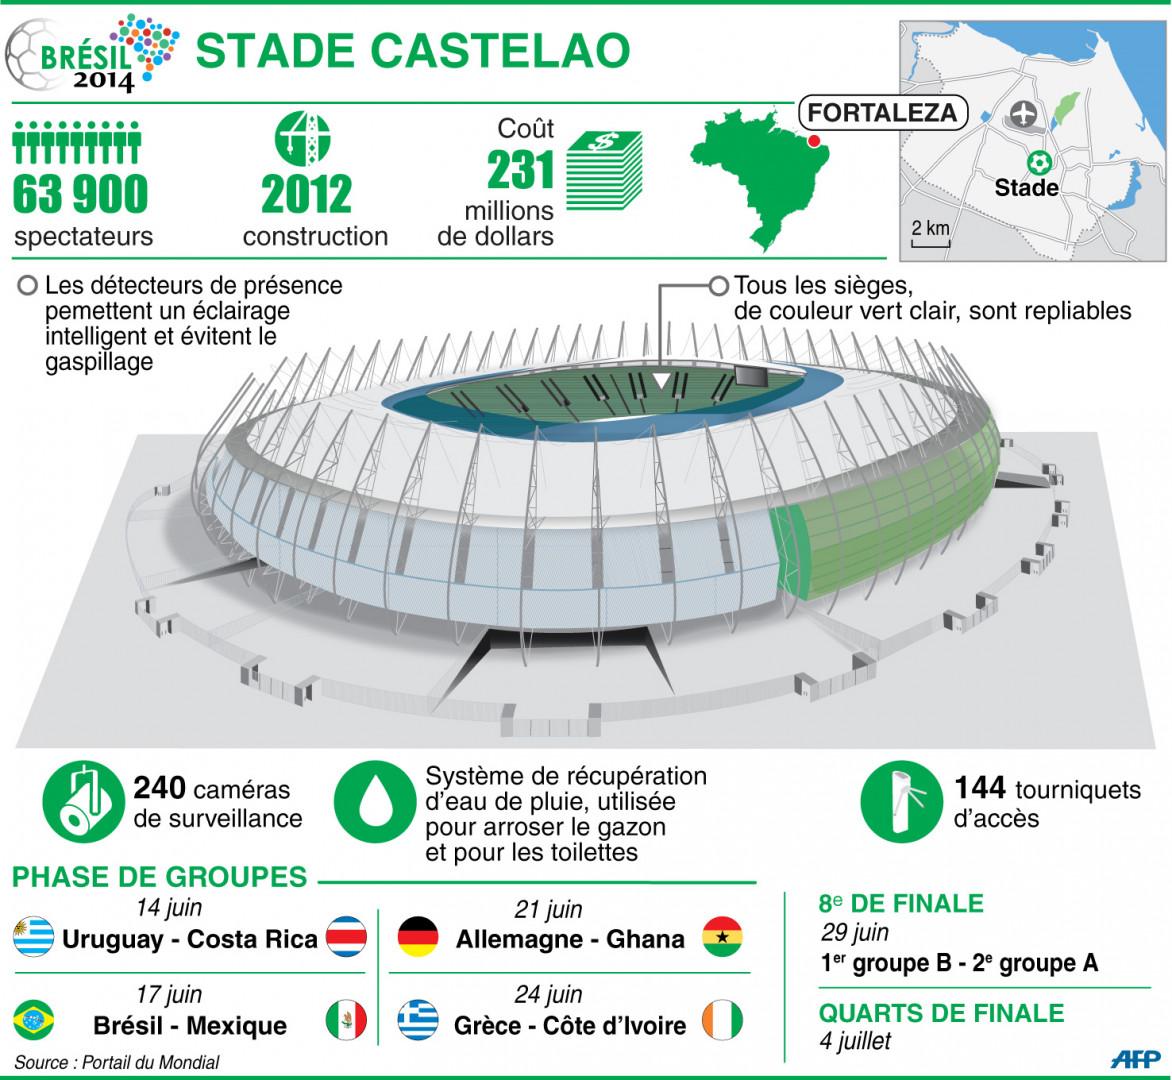 Infographie : le stade Castelao à Fortaleza